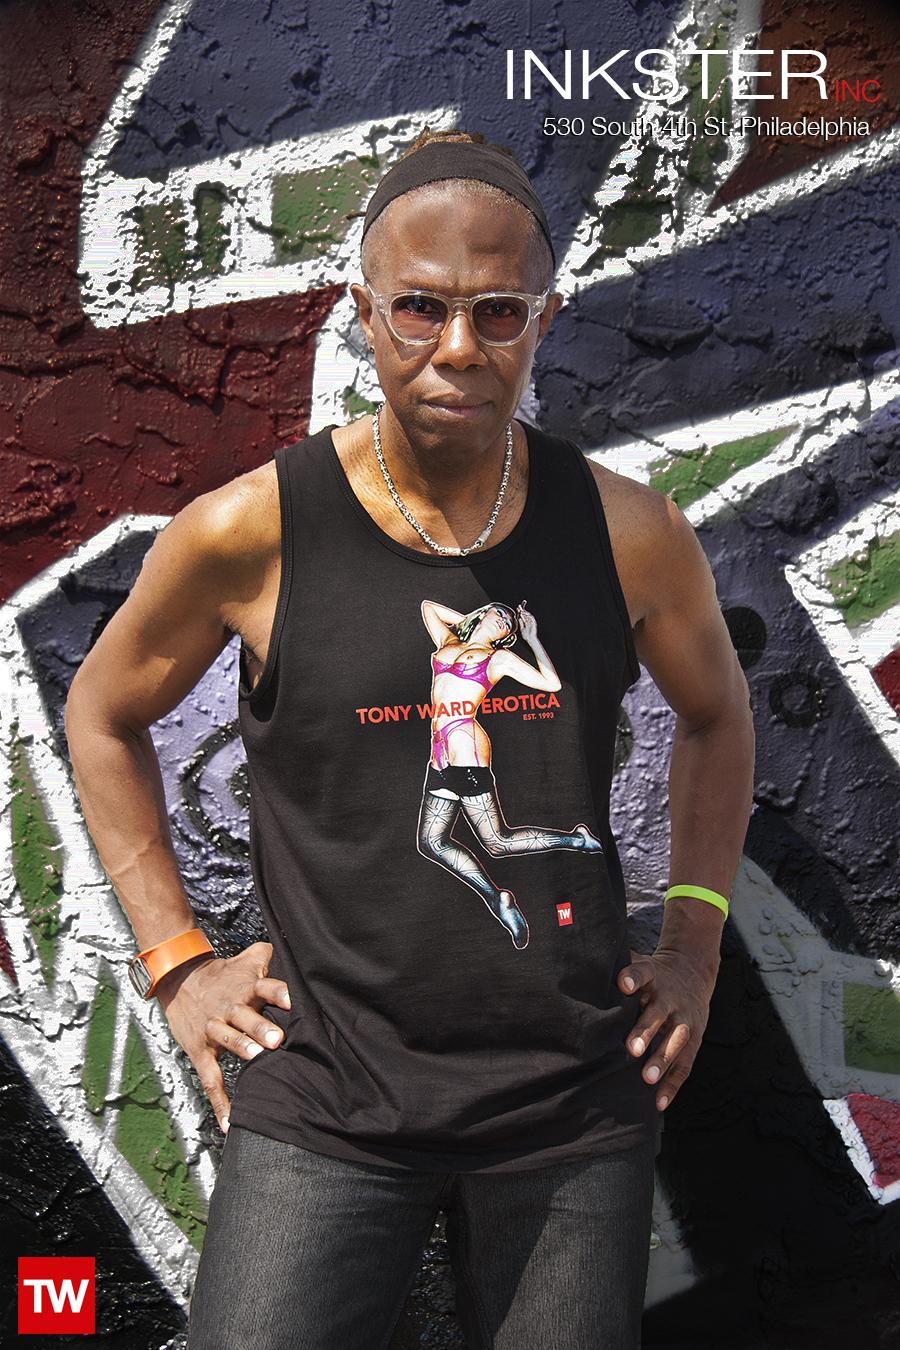 Tony_Ward_T_Shirts_erotica_Artist_Mikel_Elam_Model